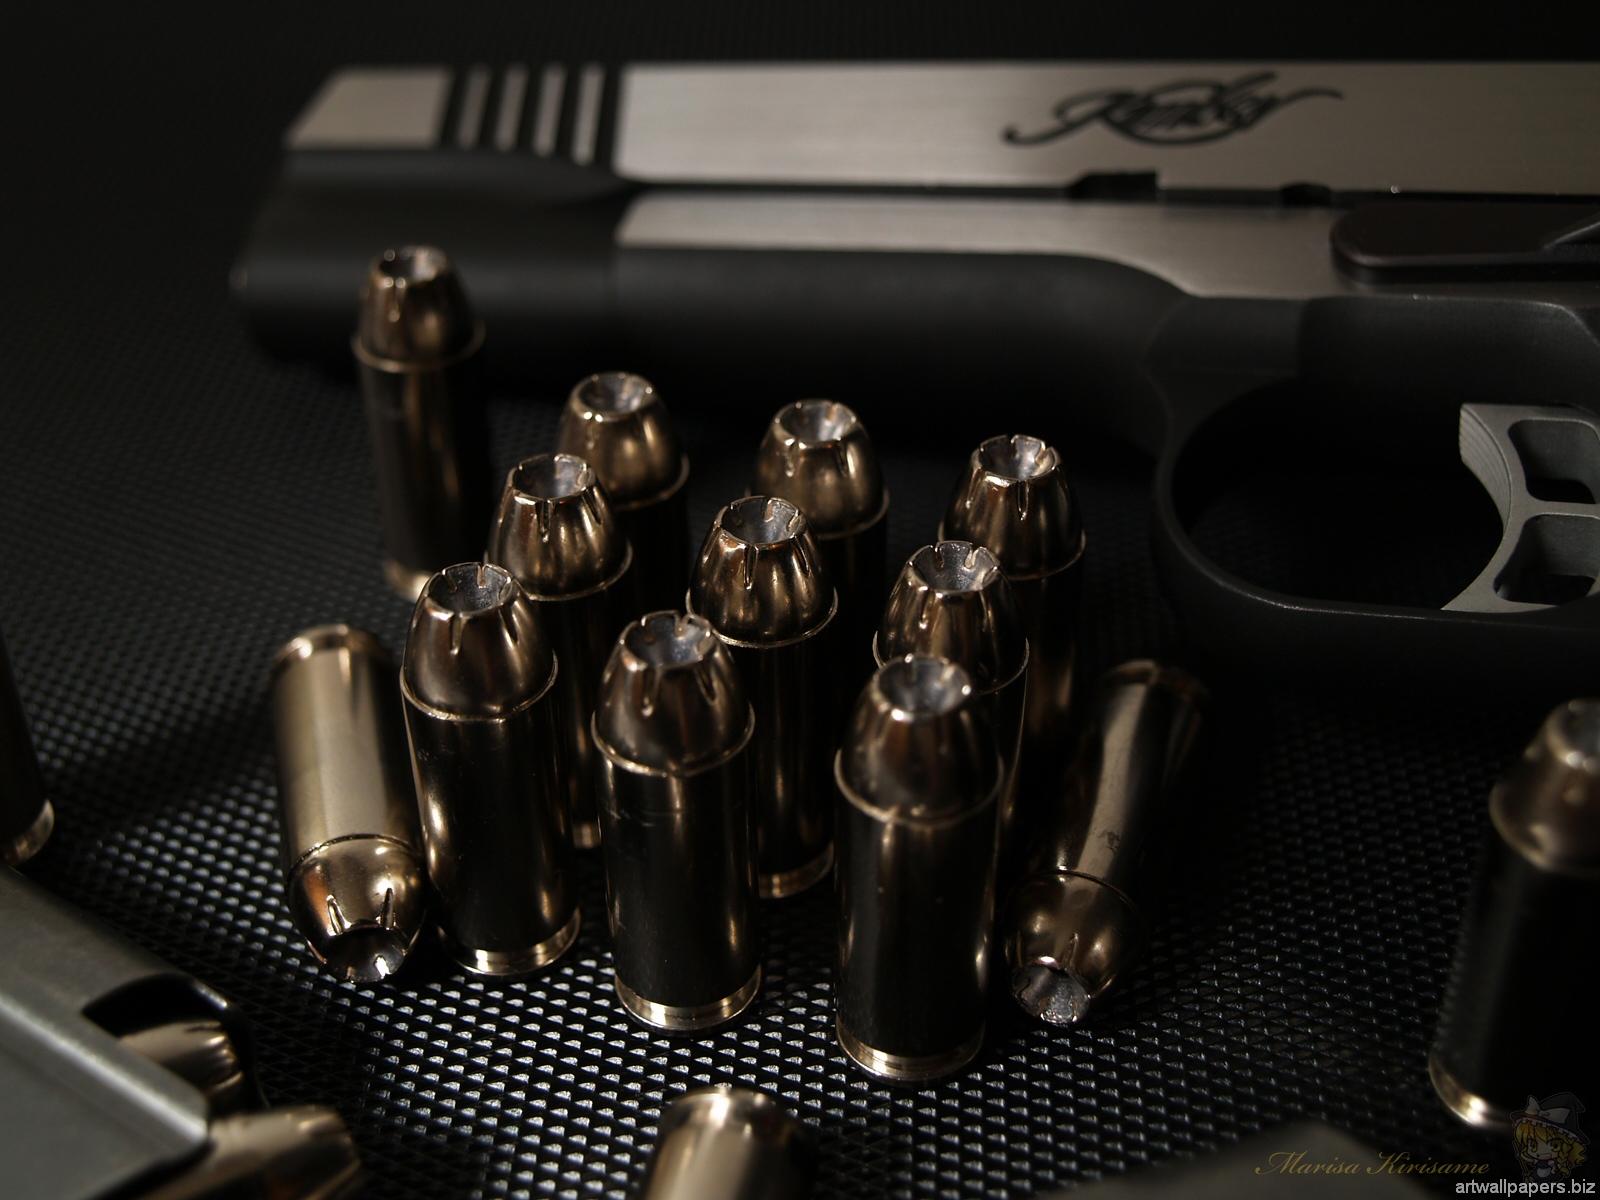 пистолет и патроны, скачать фото, обои на рабочий стол, gun wallpaper